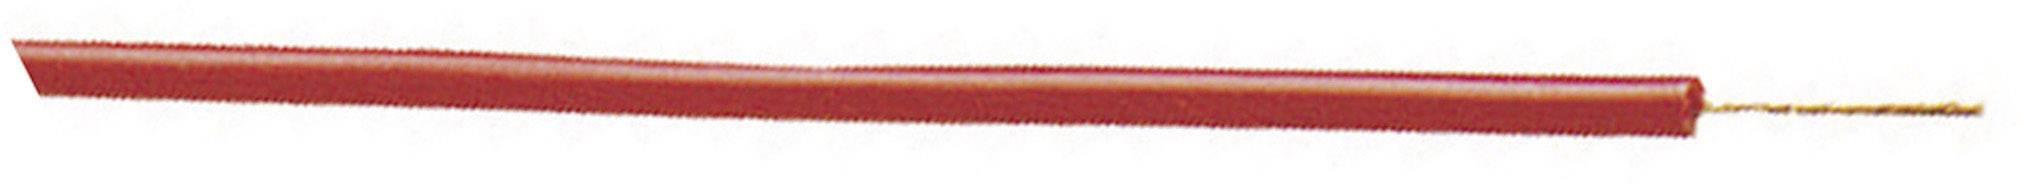 Opletenie / lanko Stäubli 61.7550-10027 SILI-E, 1 x 0.15 mm², vonkajší Ø 1 mm, metrový tovar, hnedá